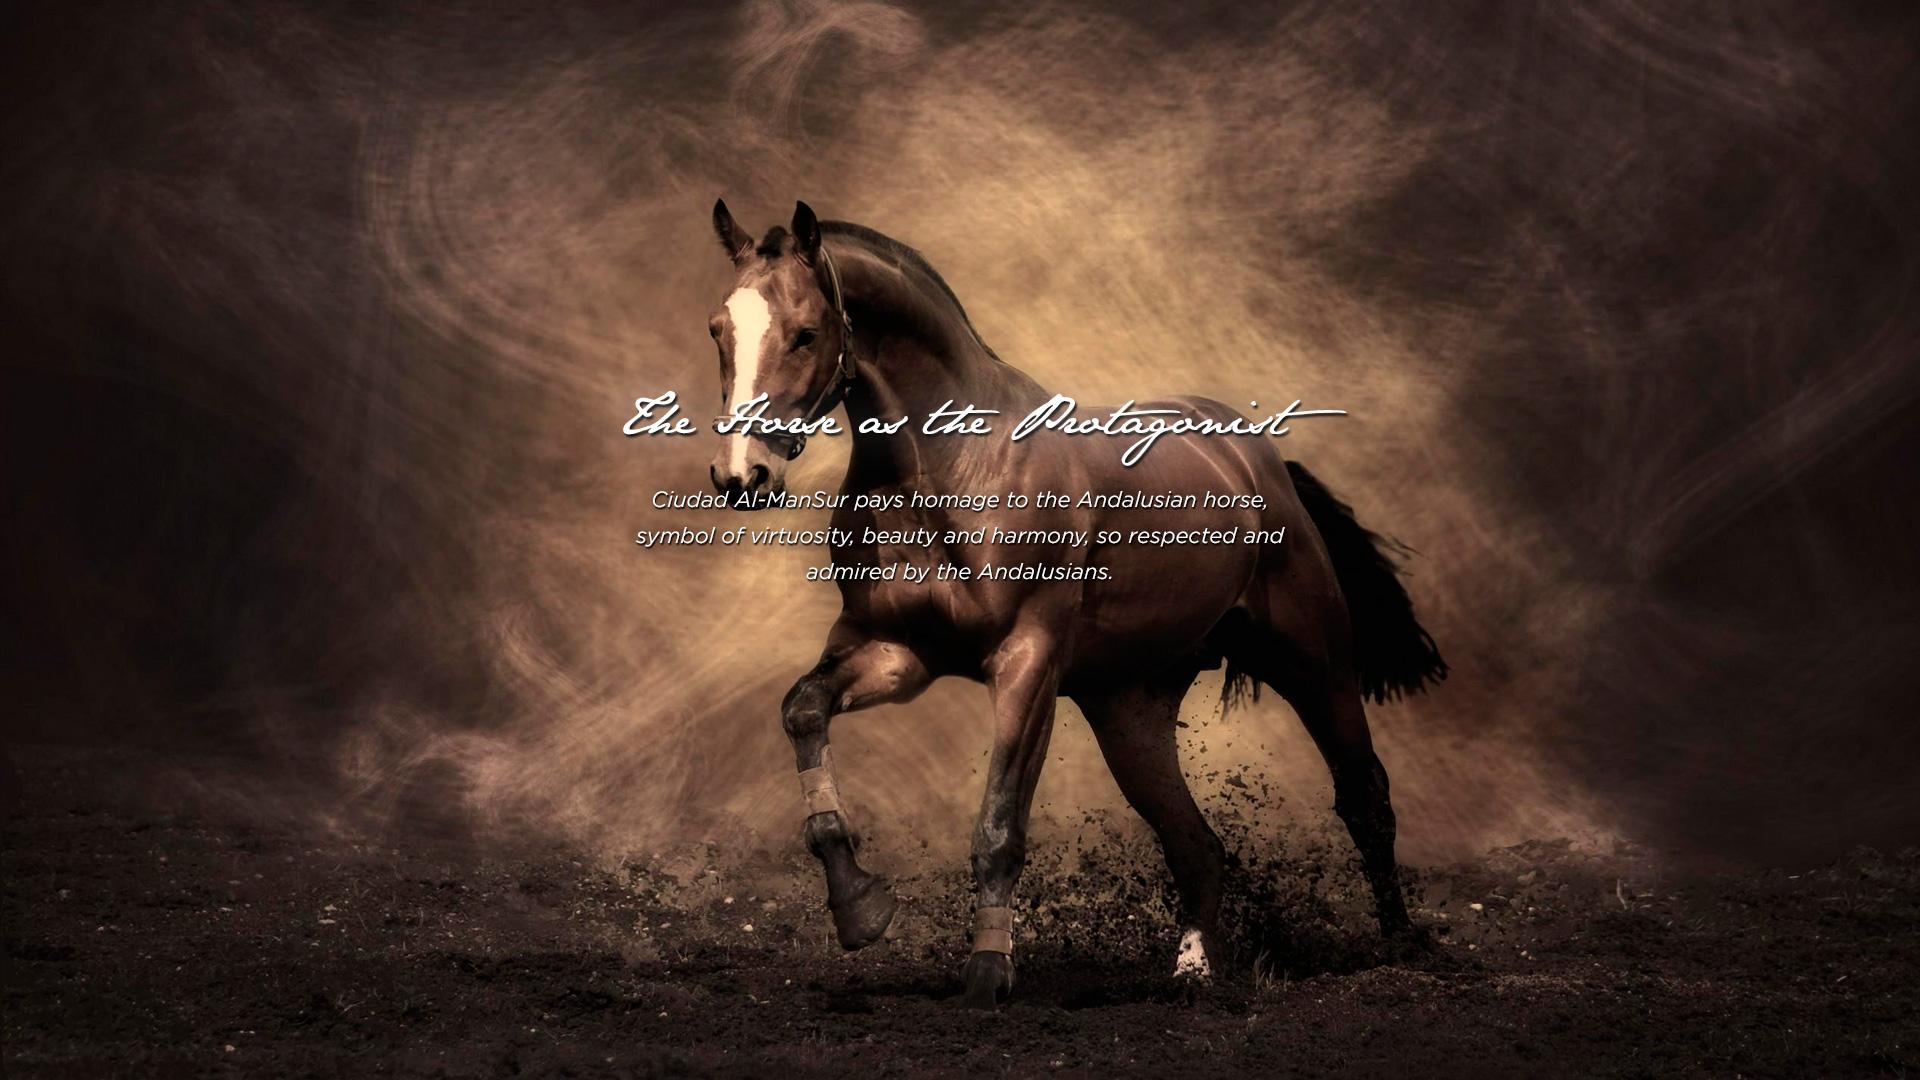 caballo2a